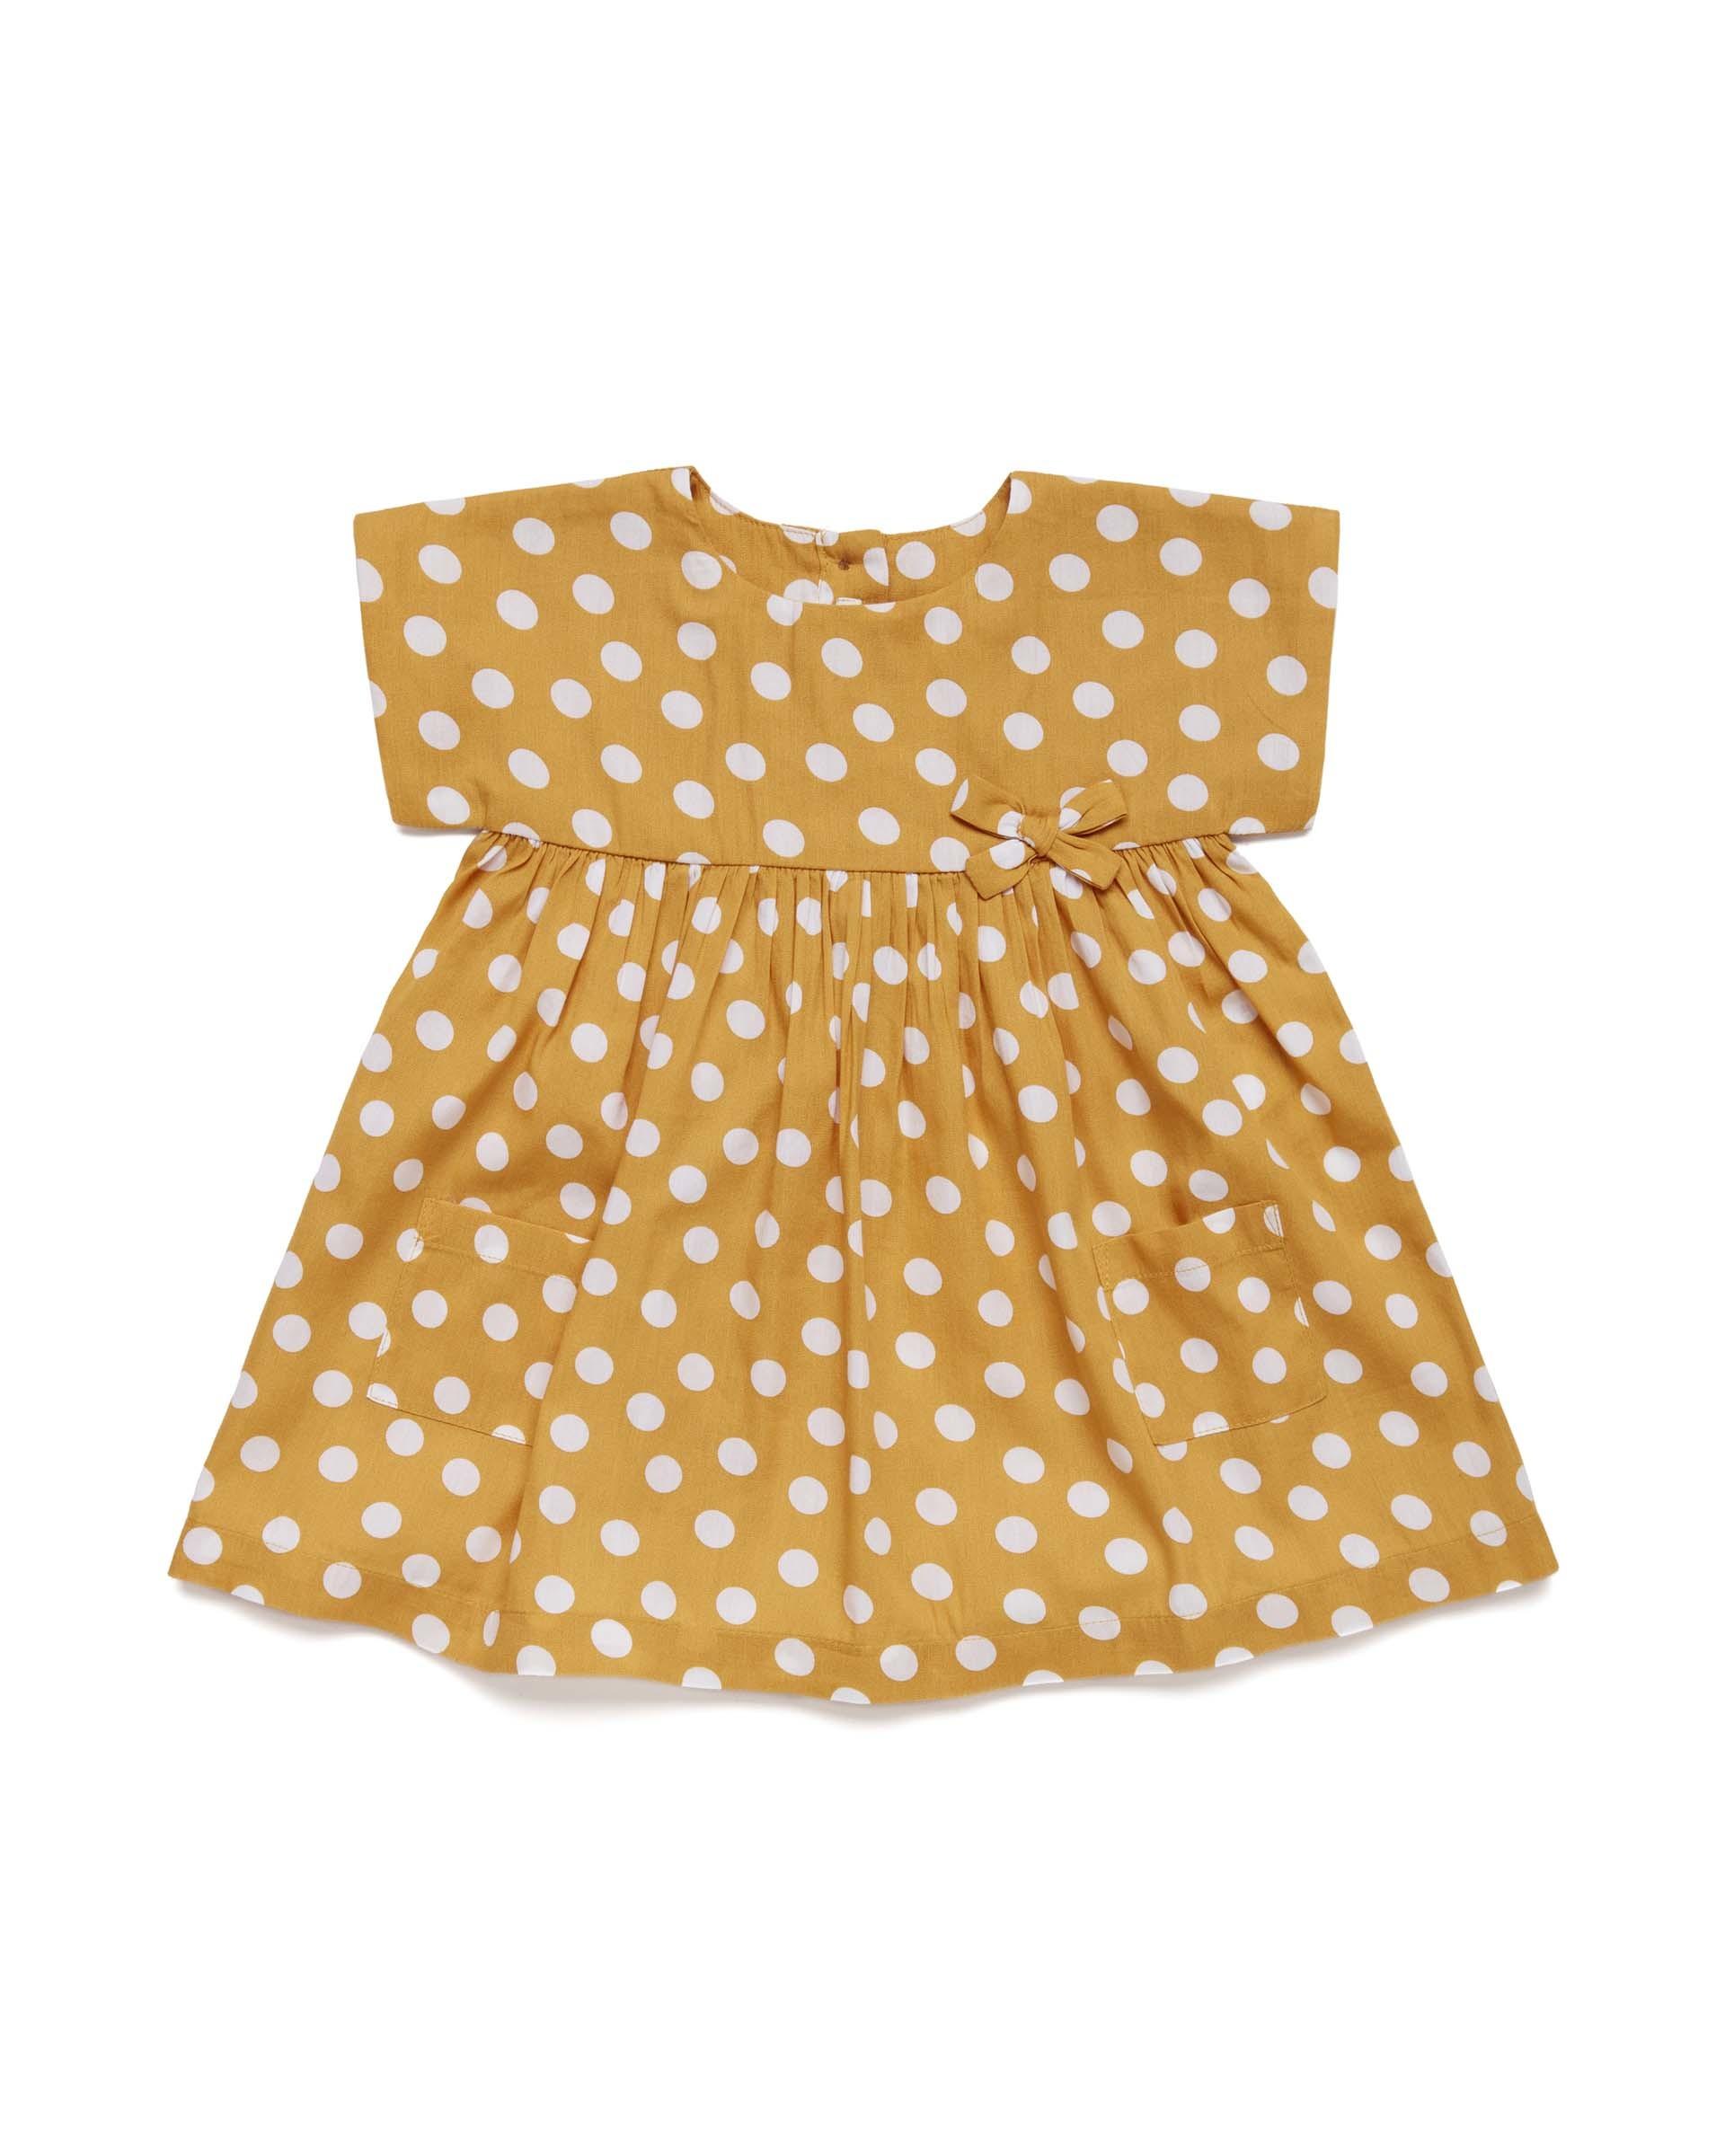 Купить 20P_4OO45V7JE_61Z, Платье для девочек Benetton 4OO45V7JE_61Z р-р 90, United Colors of Benetton, Платья для новорожденных